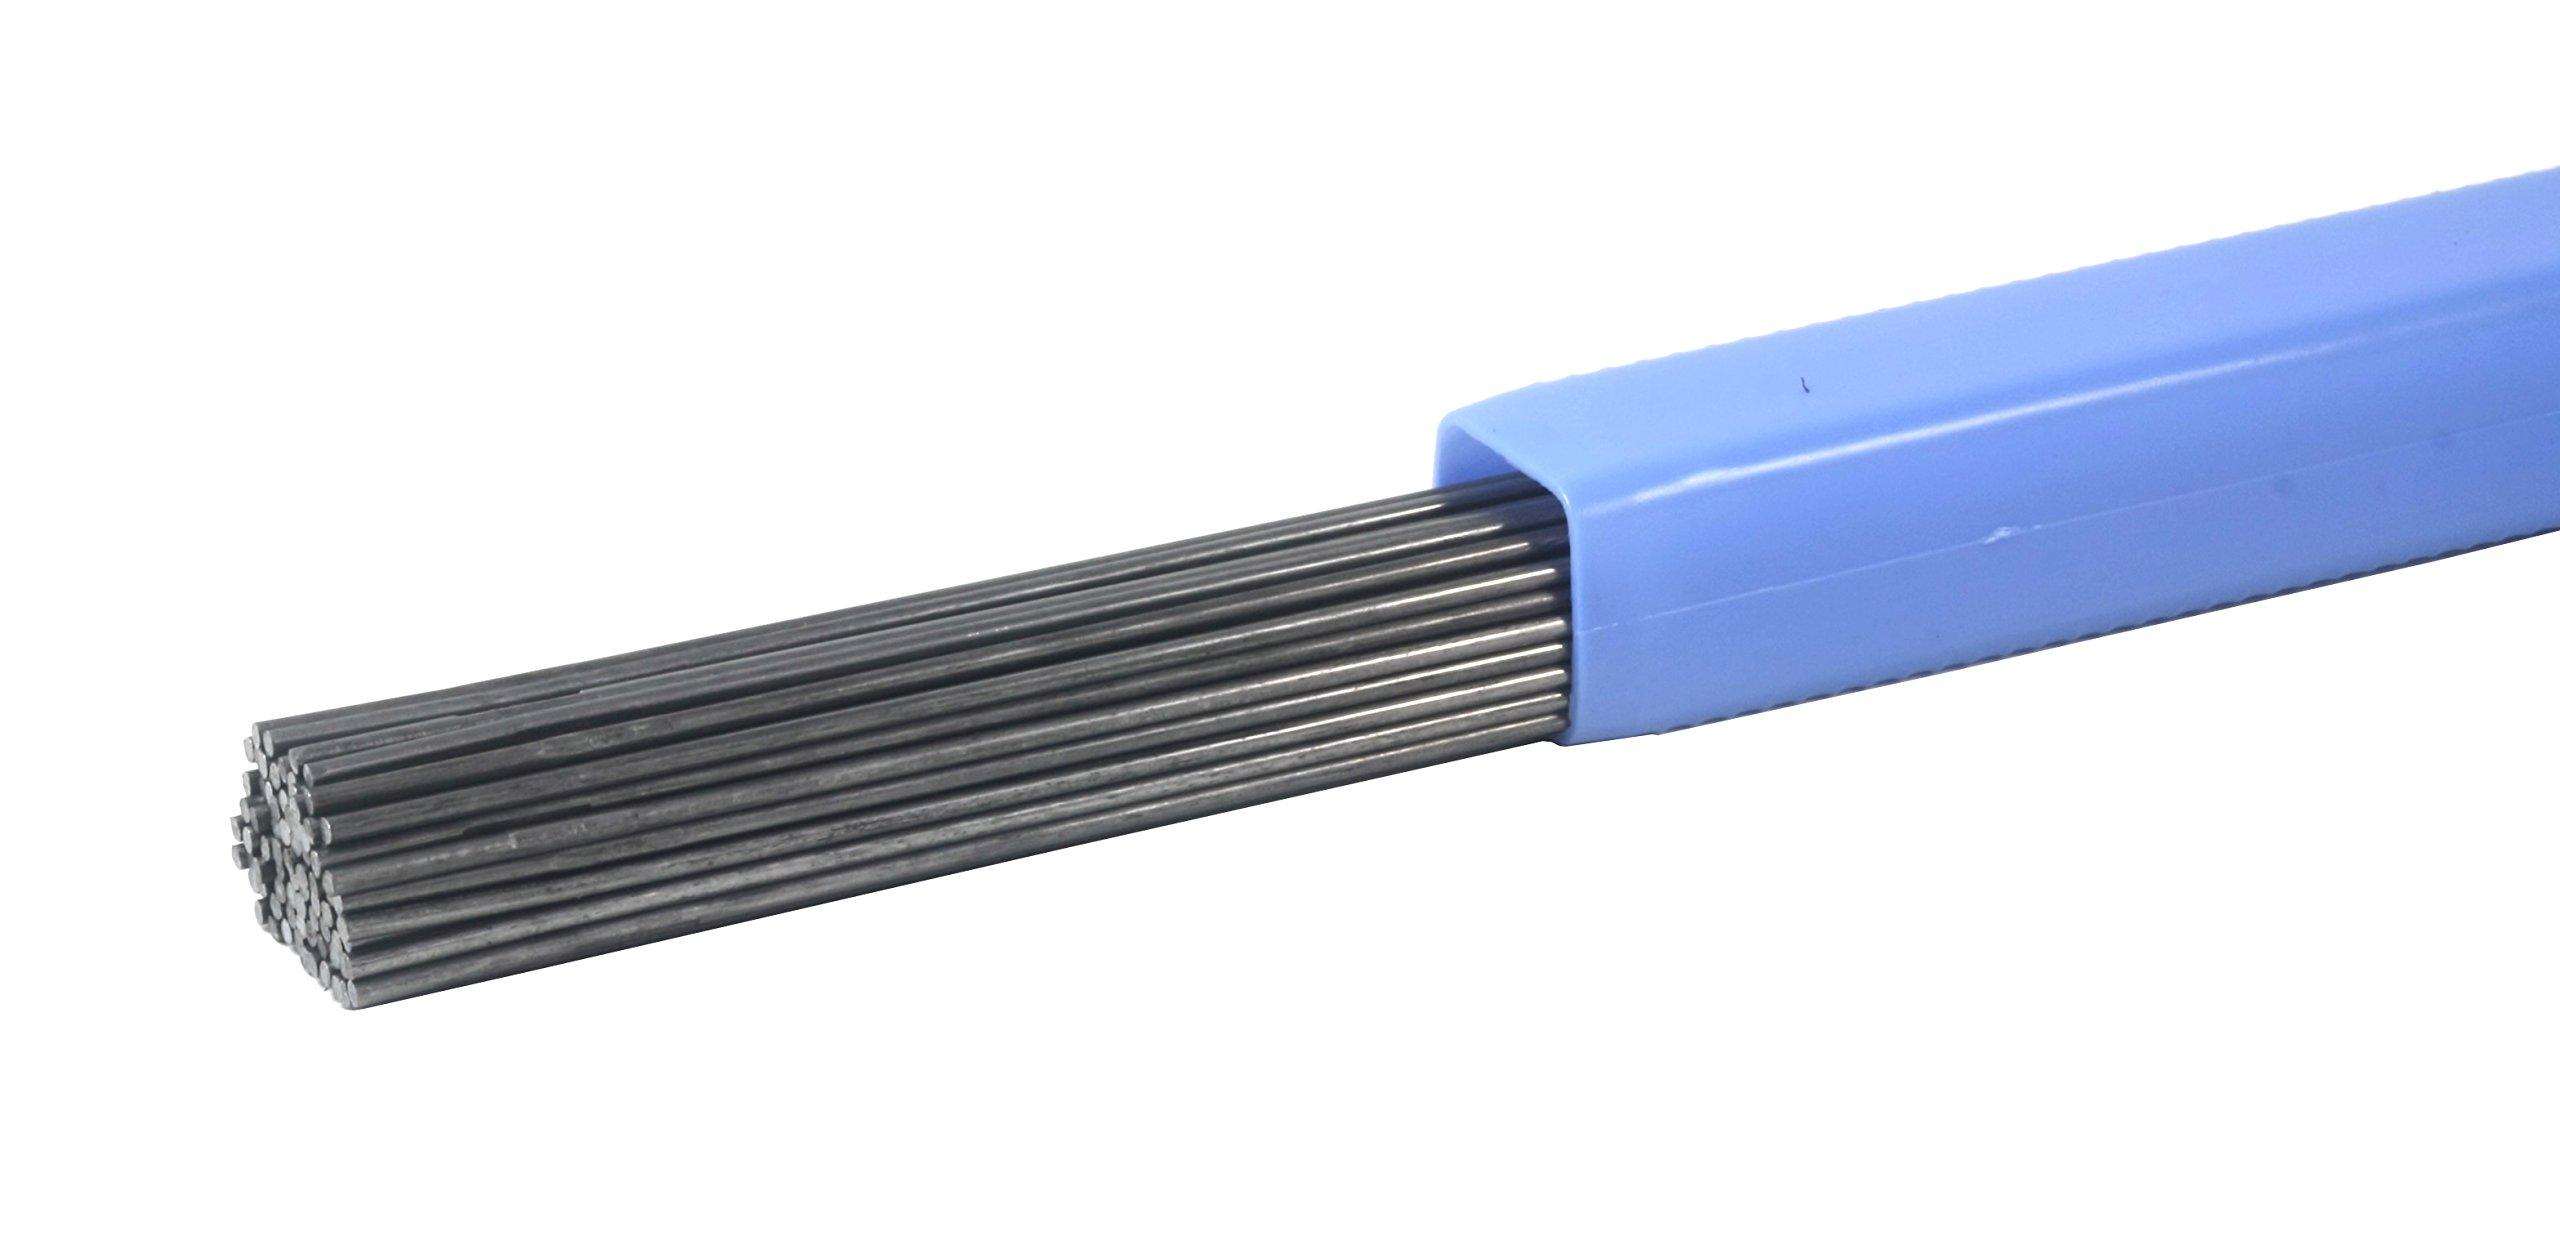 RG-60 - Oxy-Acetylene Carbon Steel Welding Rod (R60) - 36'' x 1/8'' (2 Lb)